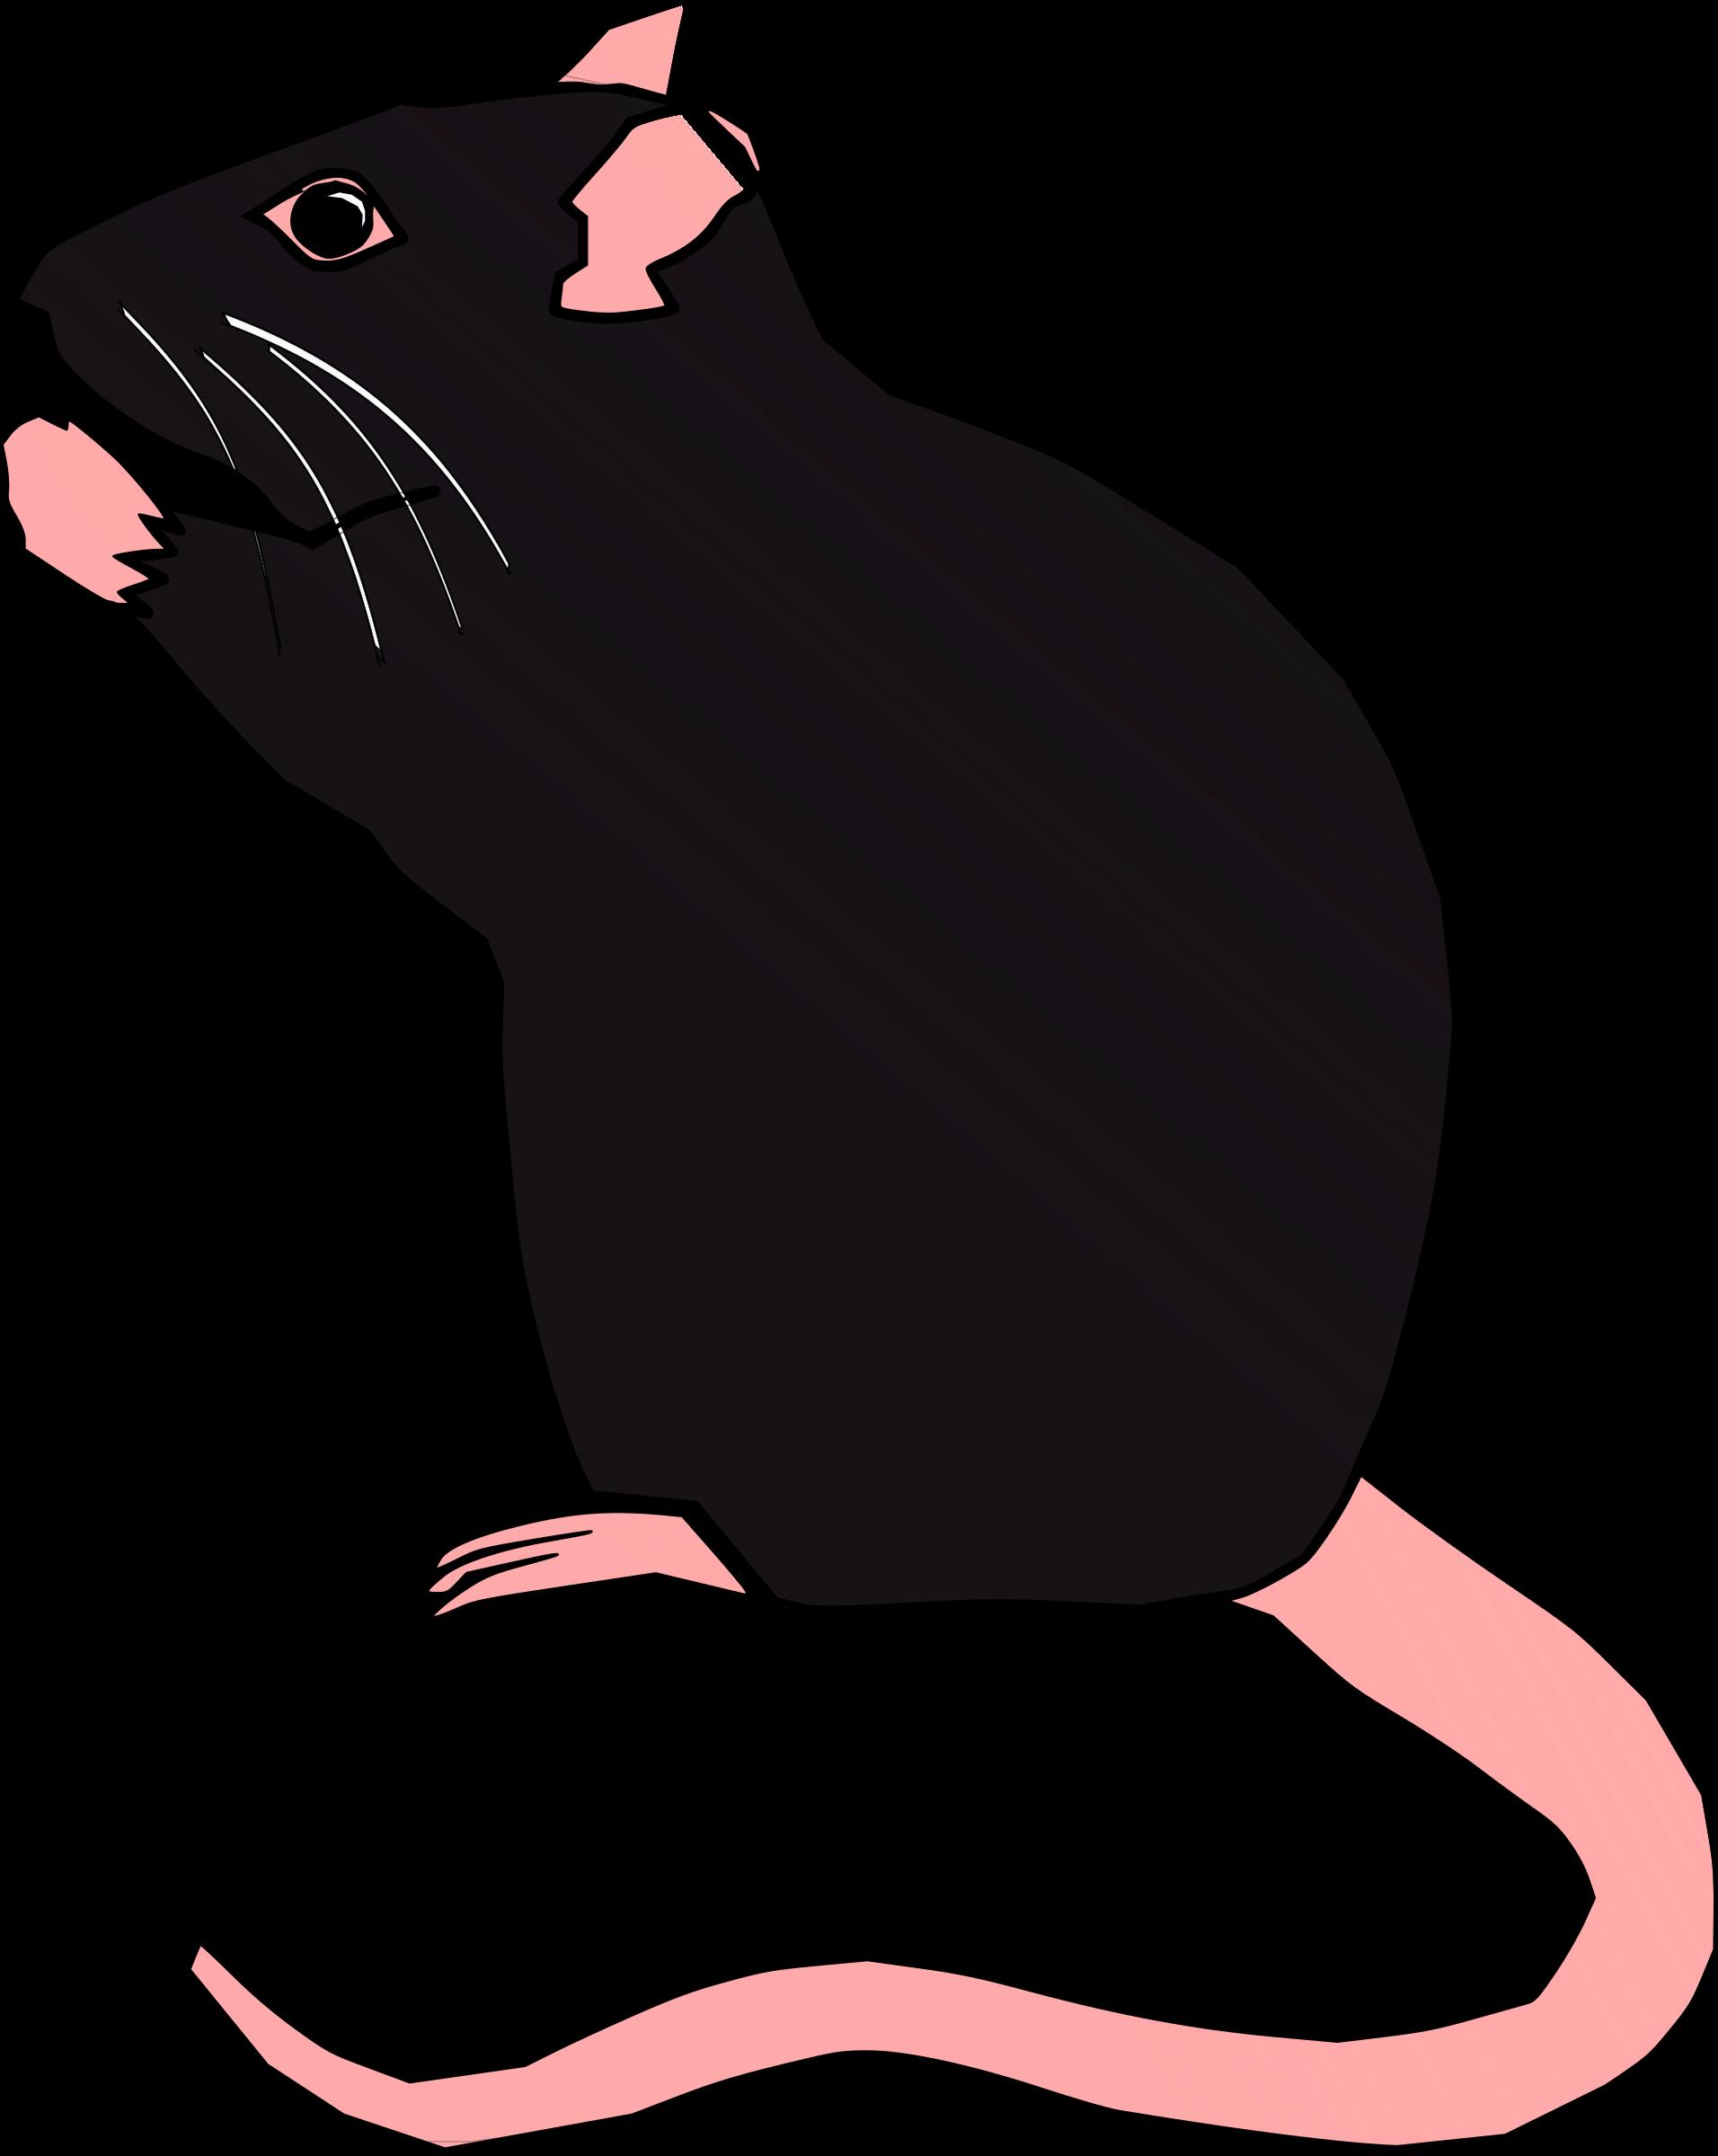 Ratx by hartmut a. Clipart rat smart